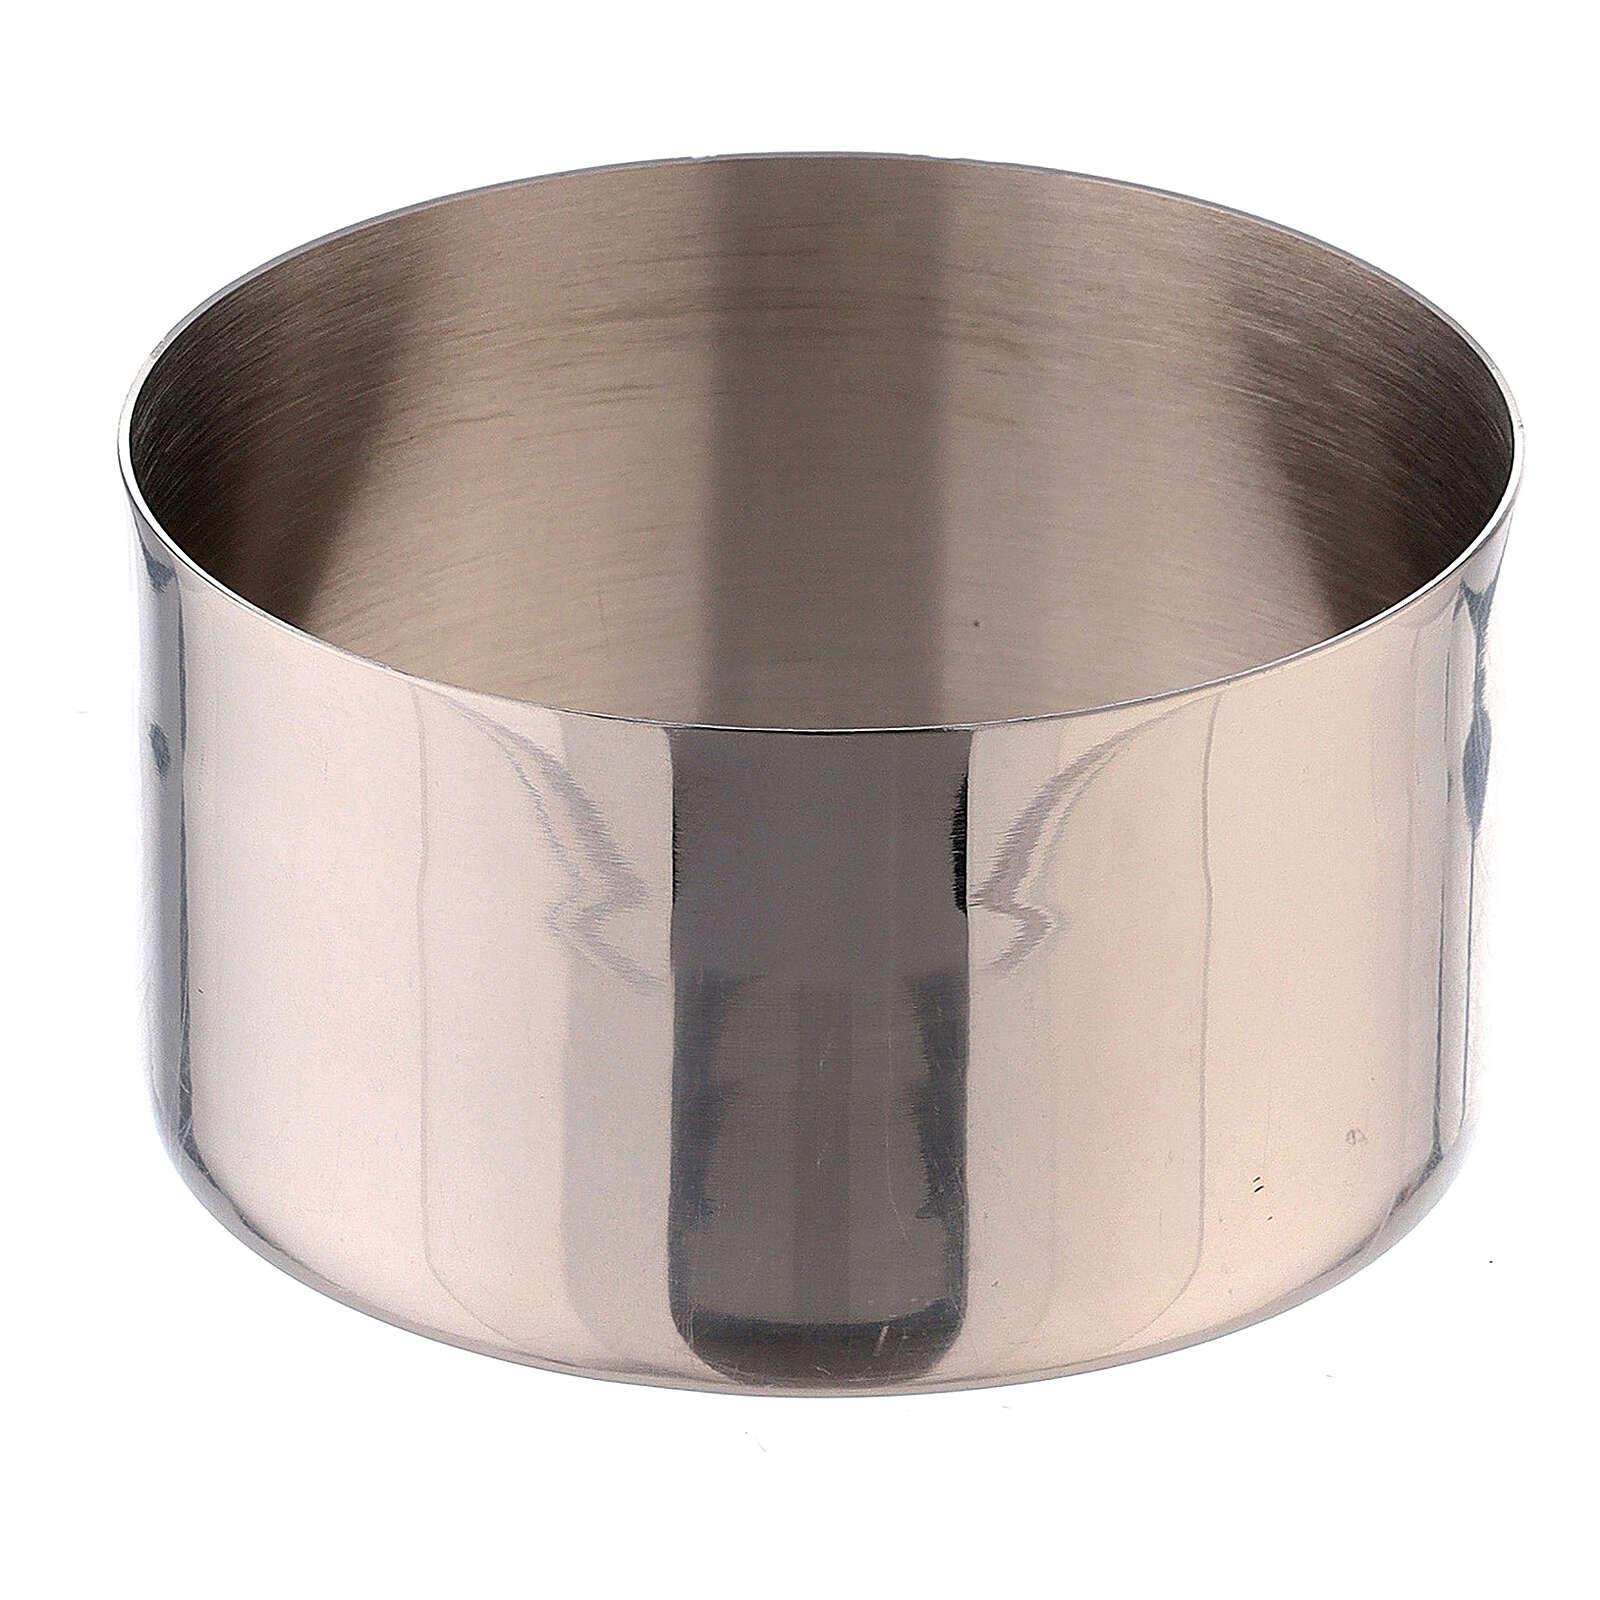 Decoro anello per candela ottone nichelato 3 cm 4